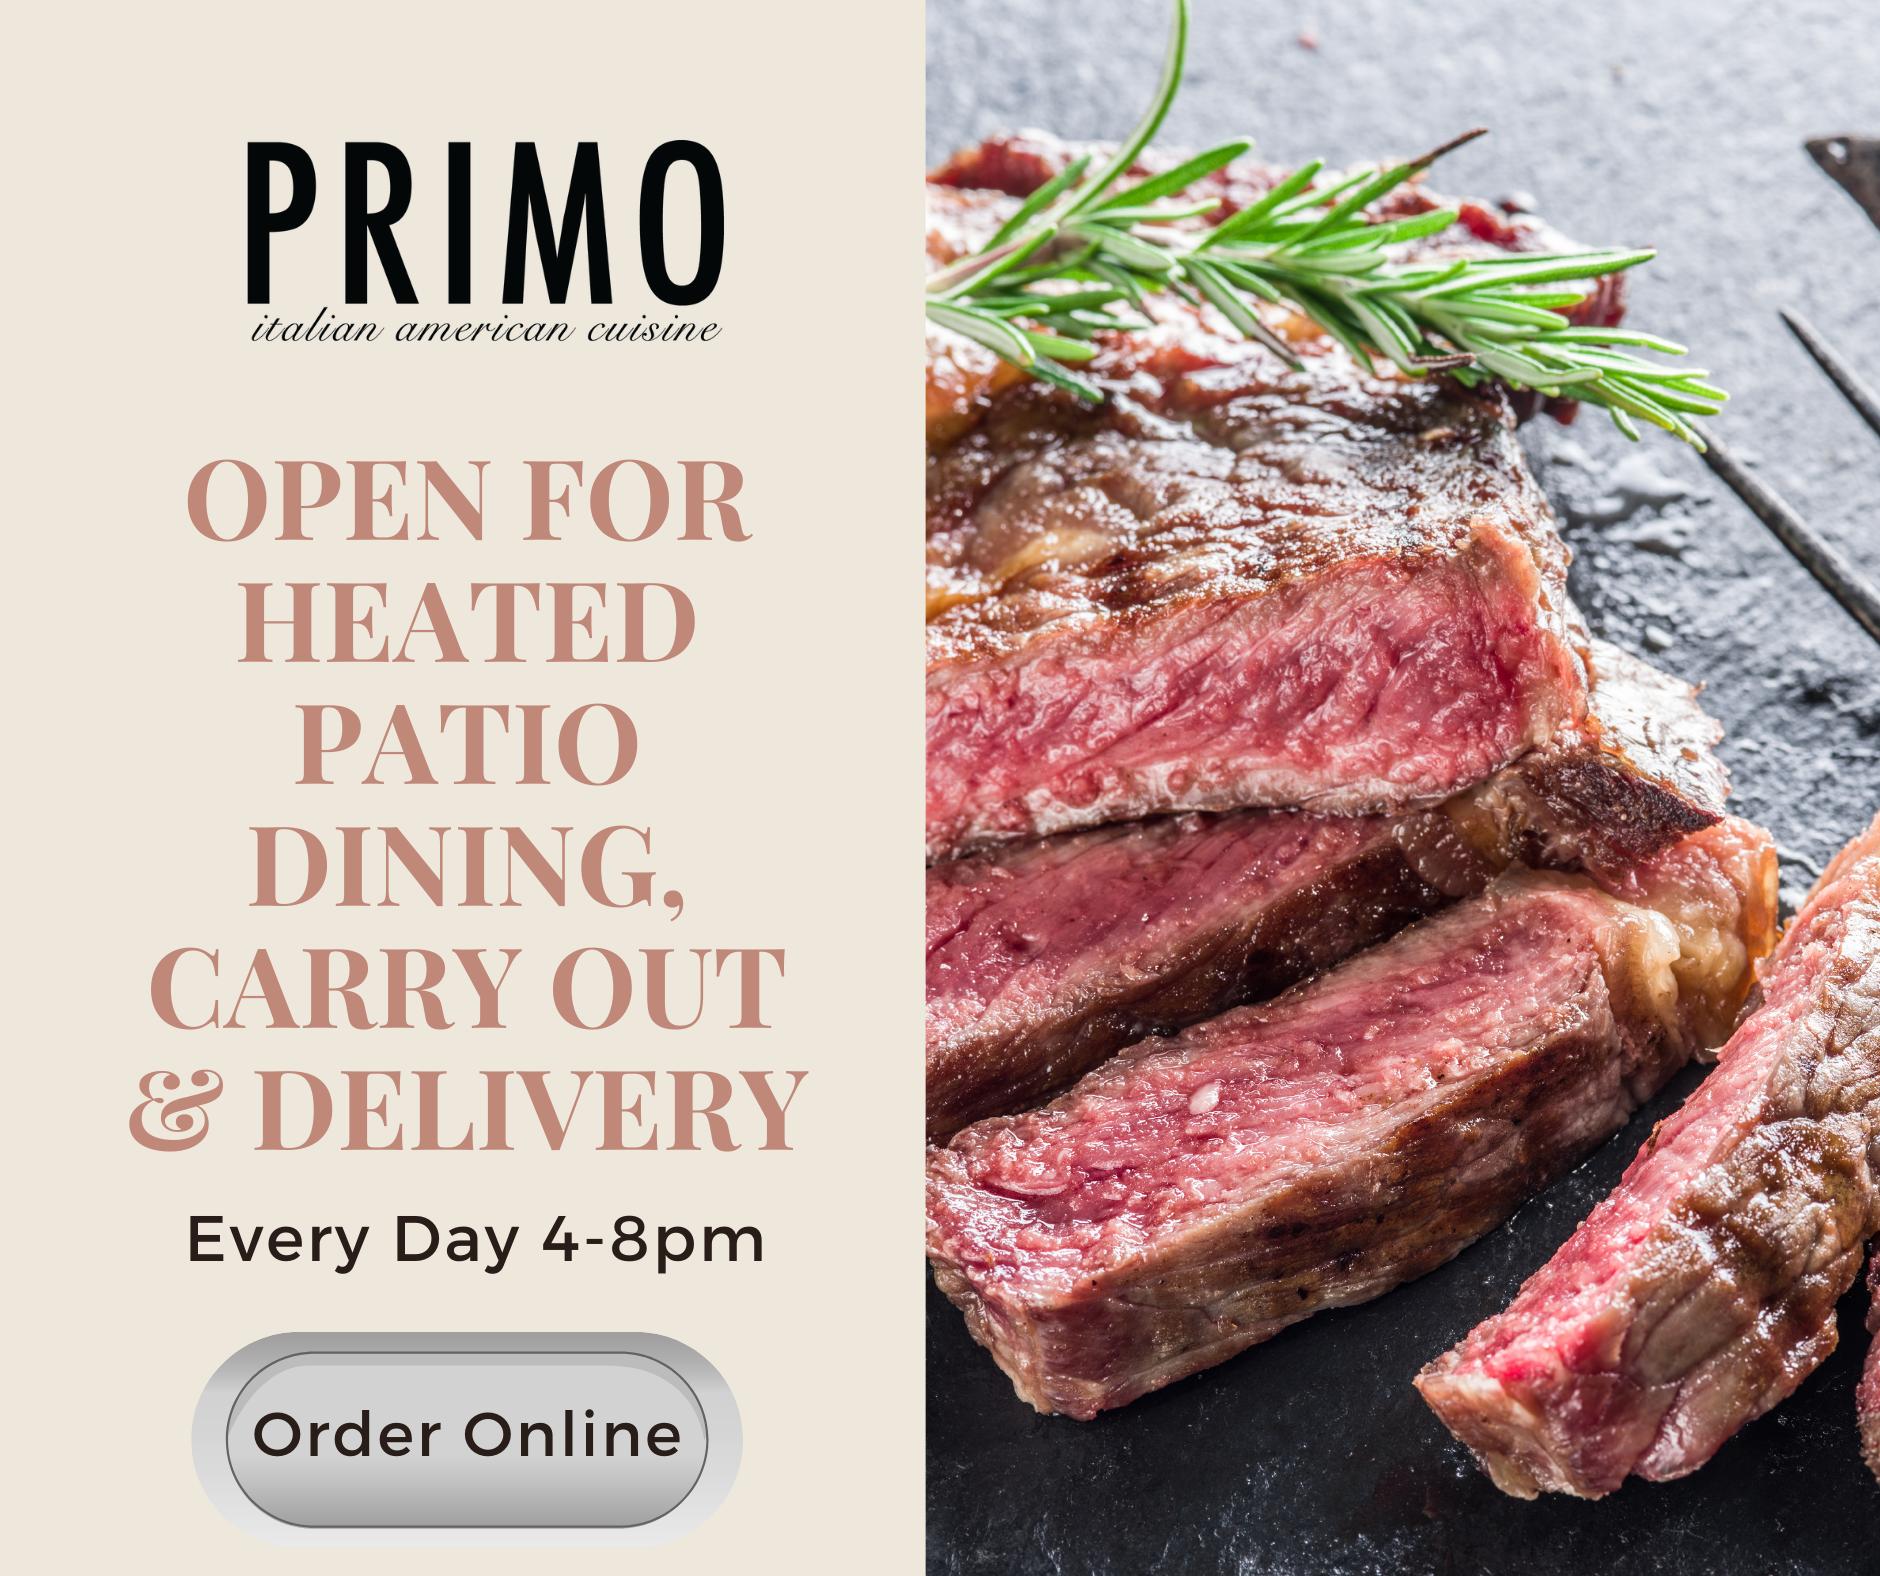 Primo Order Online